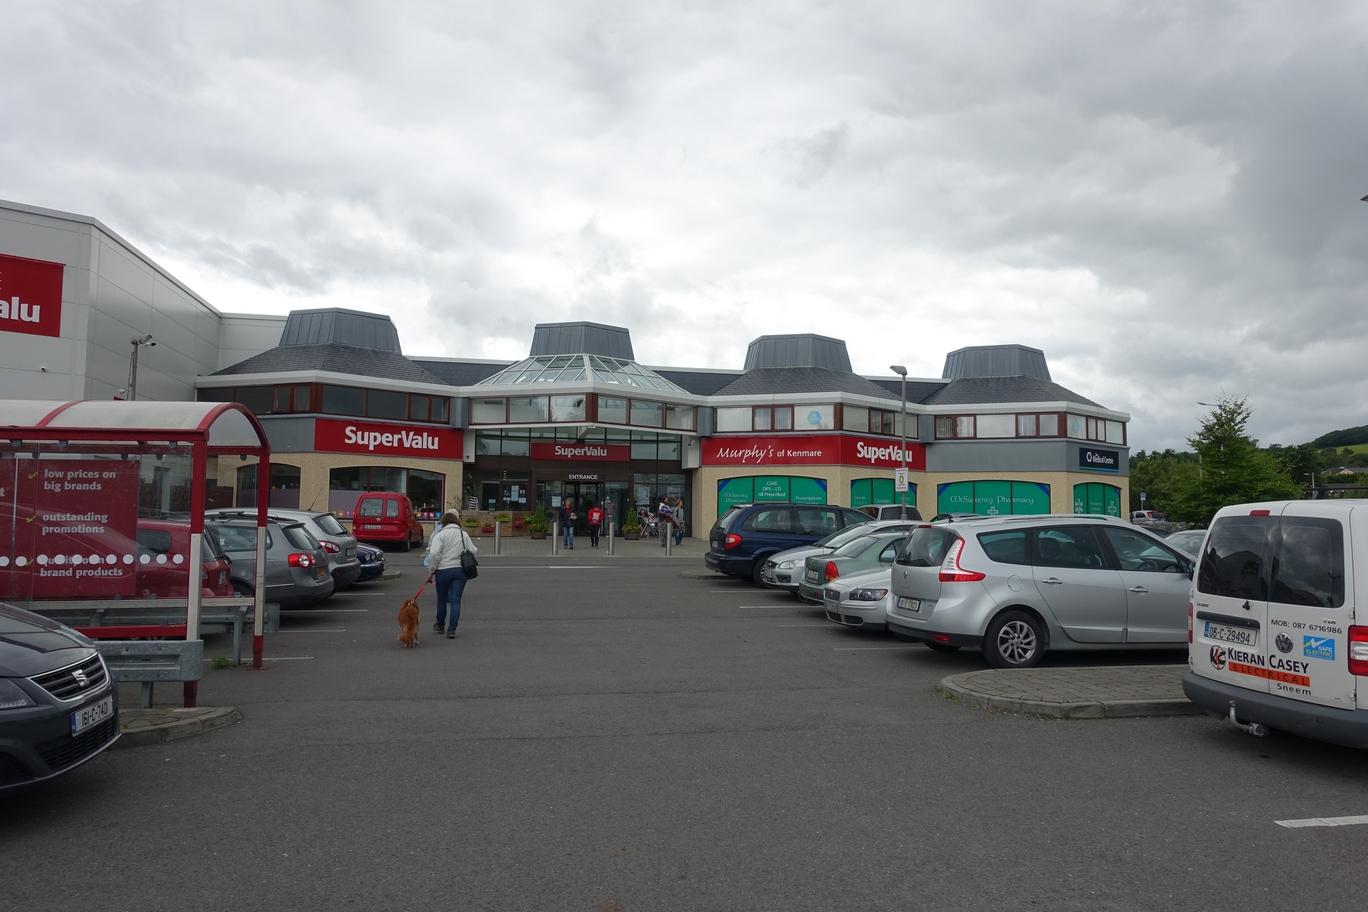 Maar Supervalu is toch wel de grootste supermarktketen hier (qua aantal vestigingen)